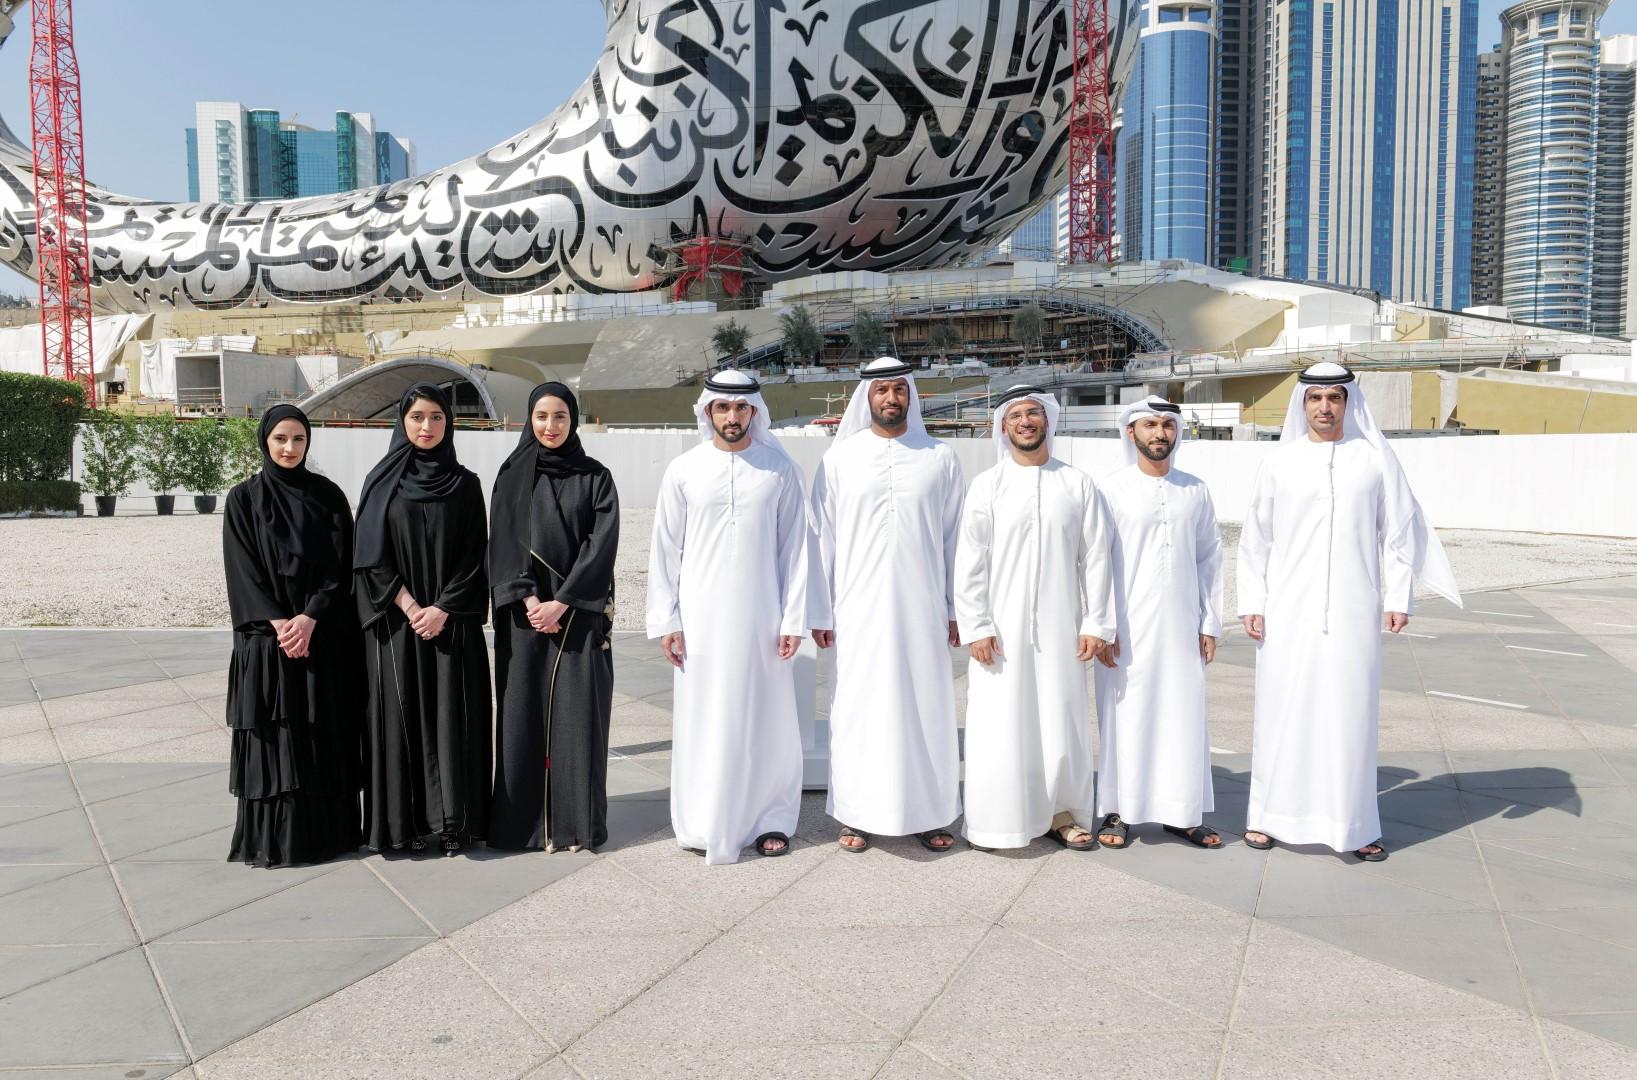 ولى عهد دبى وأعضاء فريق مشروع الإمارات لاستكشاف كوكب المريخ مسبار الأمل